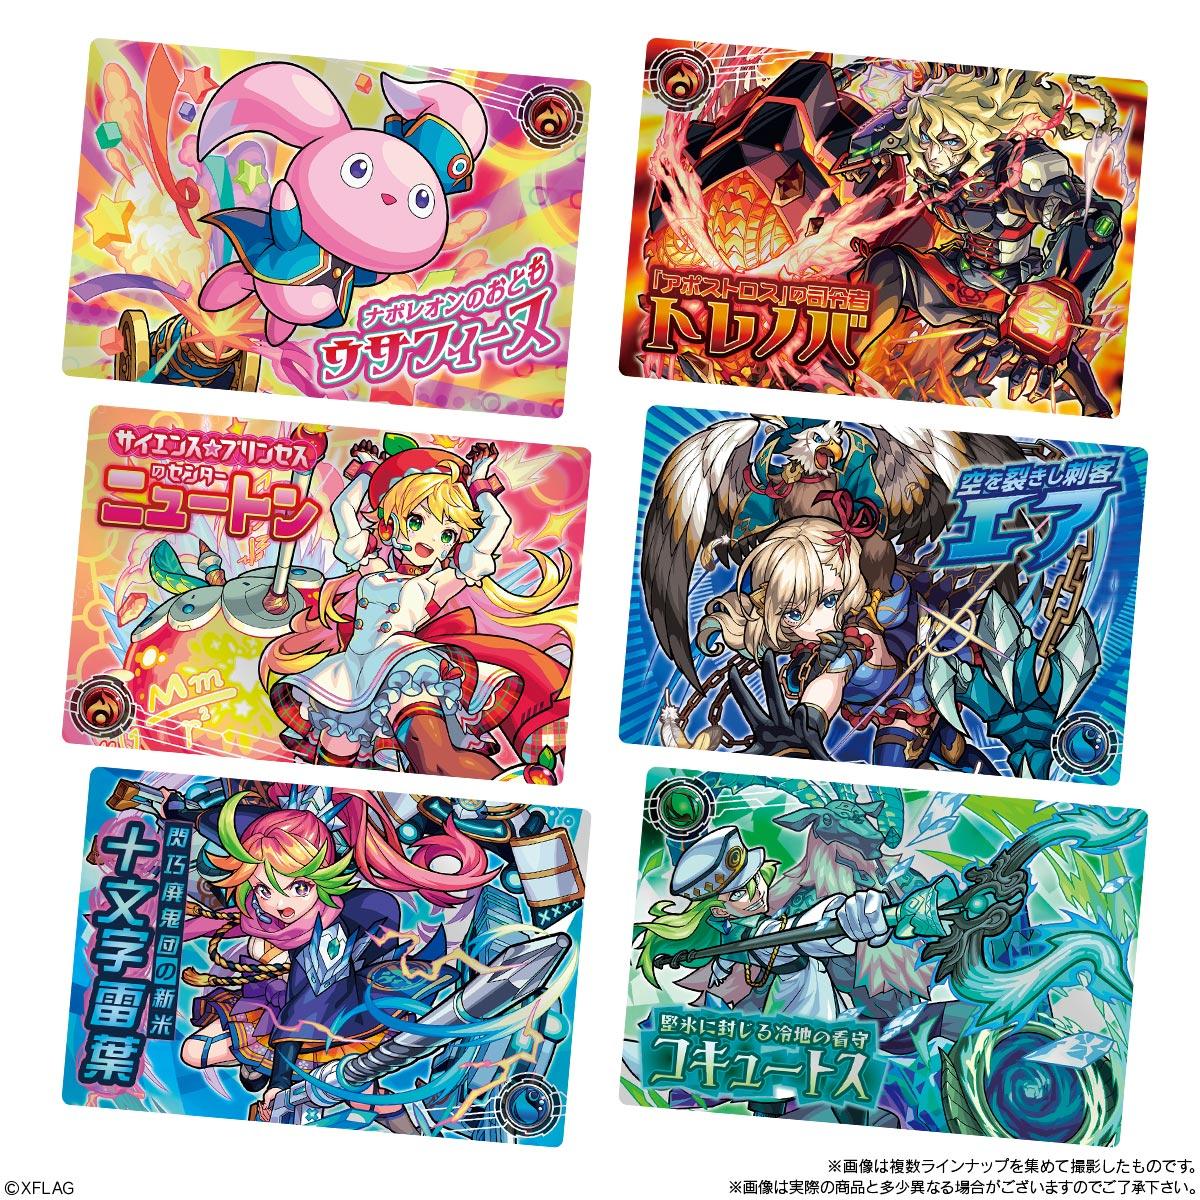 【食玩】モンスターストライク『モンストウエハースEX3』20個入りBOX-002